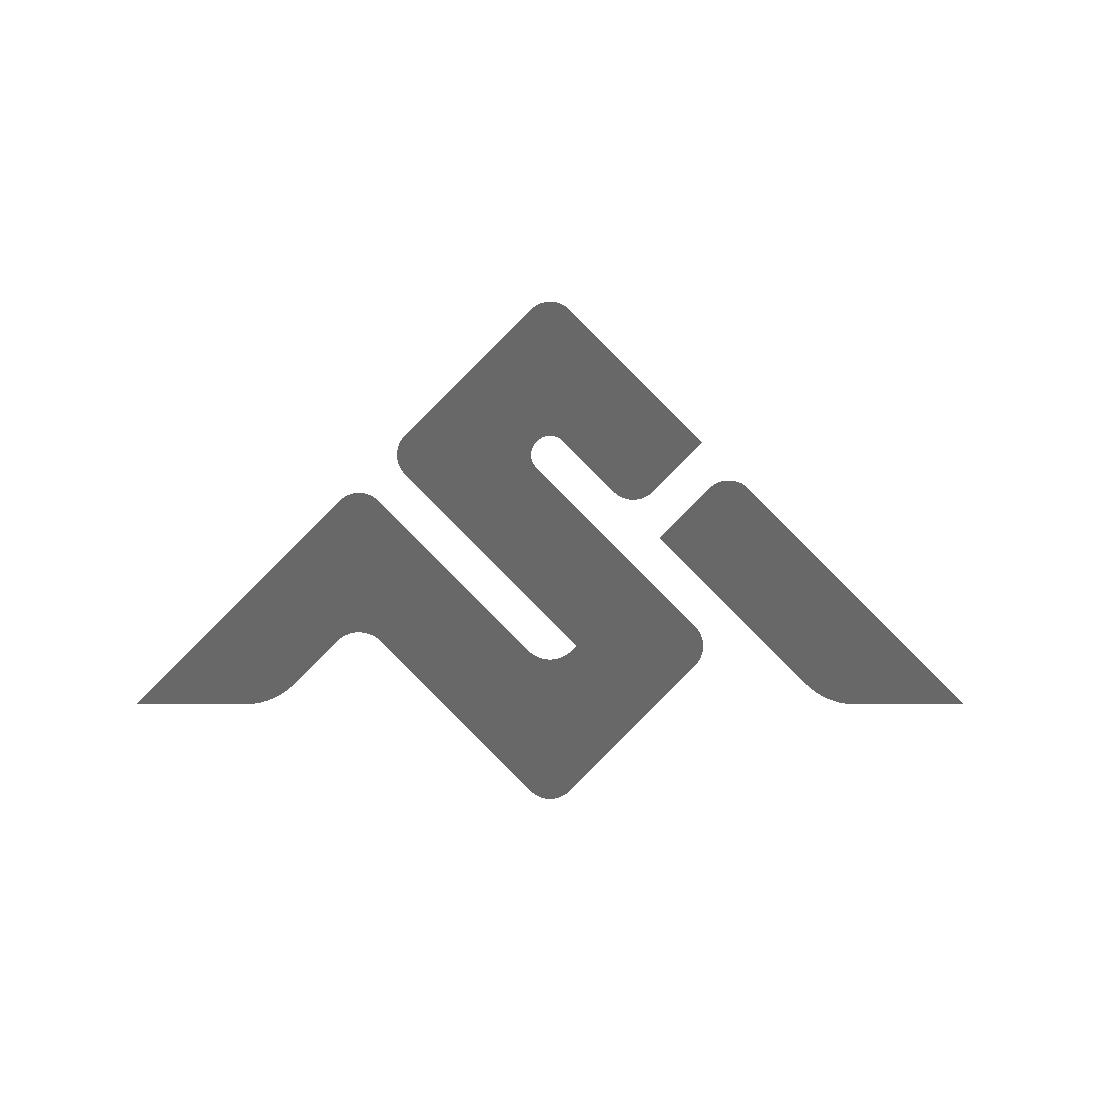 Ausverkauf Langlaufski Ausverkauf Langlaufski Helm Bern